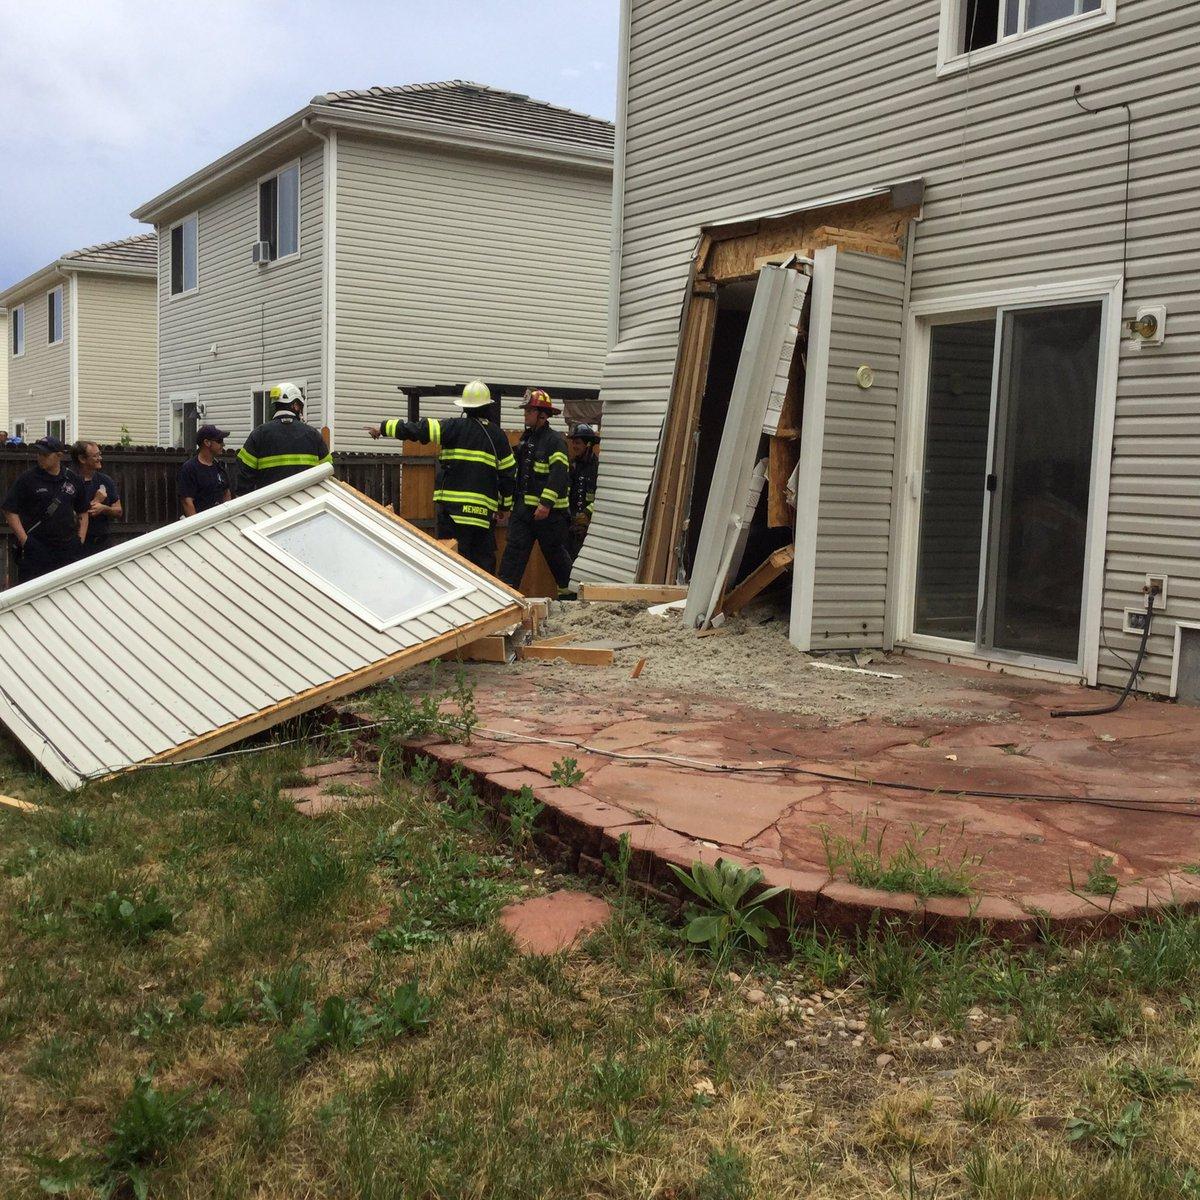 Car Crashes Through Denver House